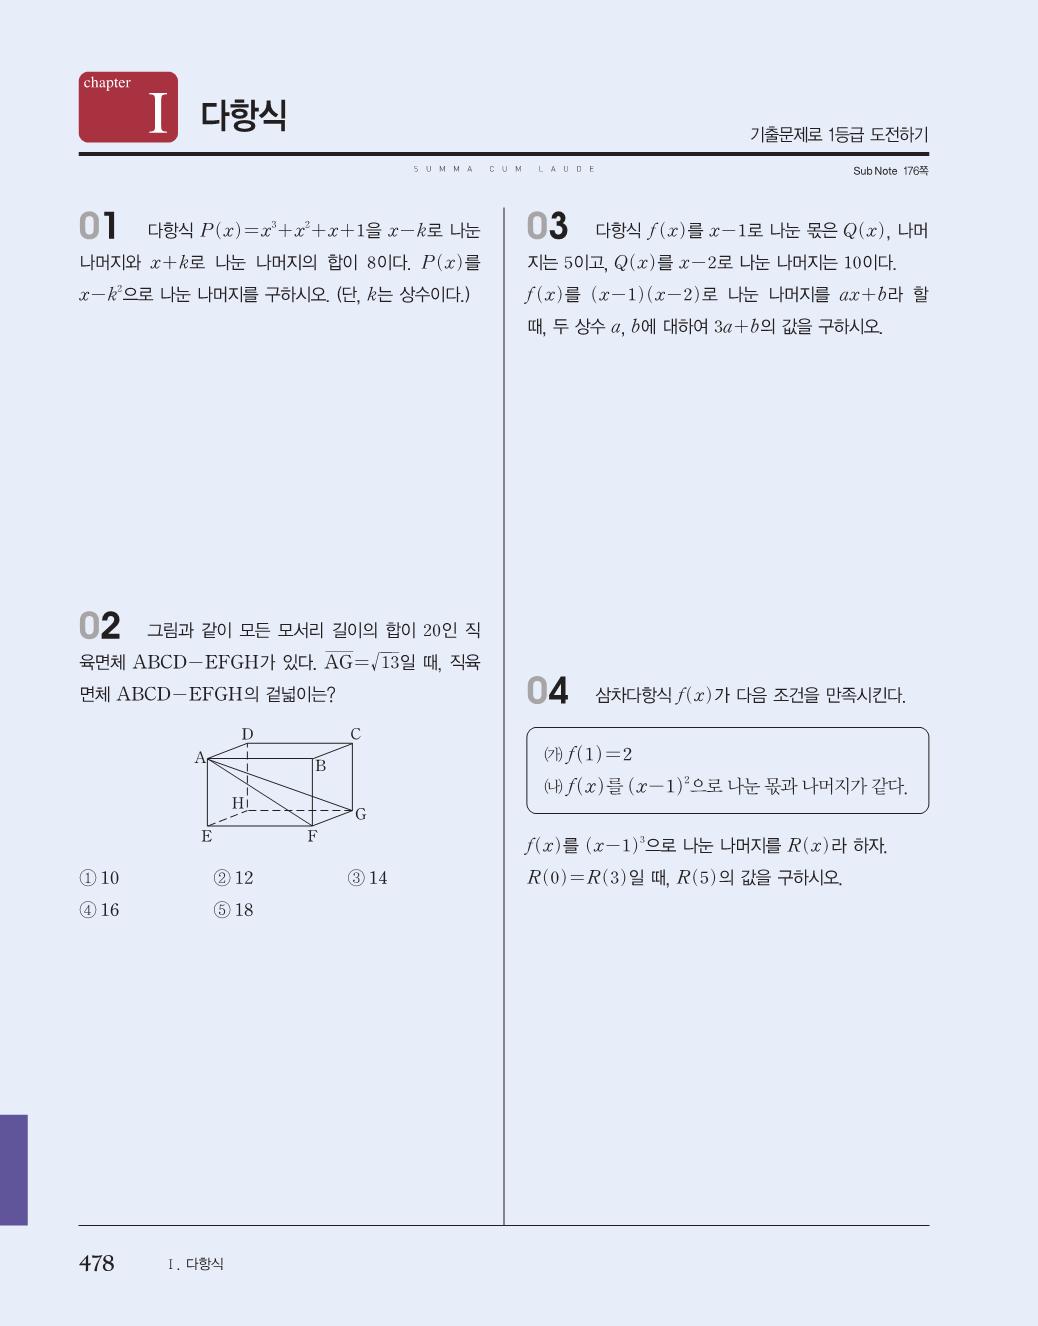 숨마쿰라우데 기본개념서 고등수학(상)_optimize29.png